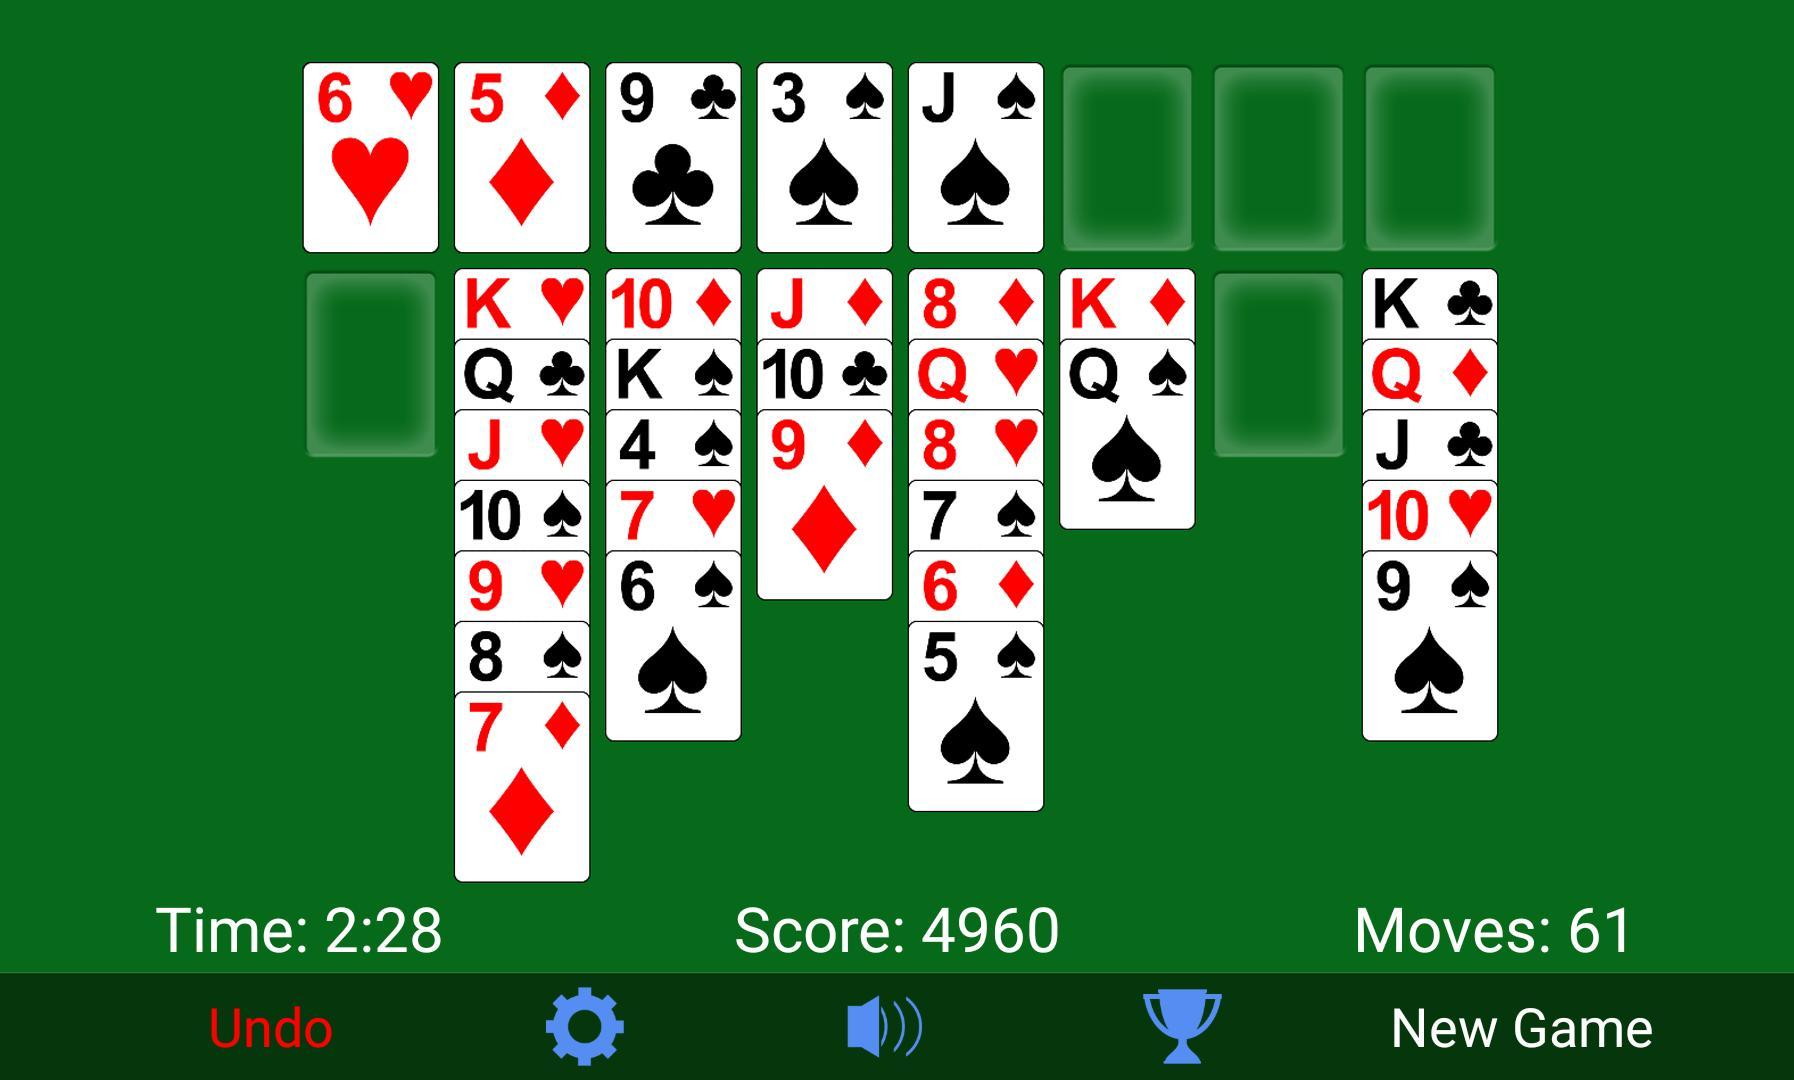 Играть карты свободная ячейка бесплатный мобильный покер в онлайне